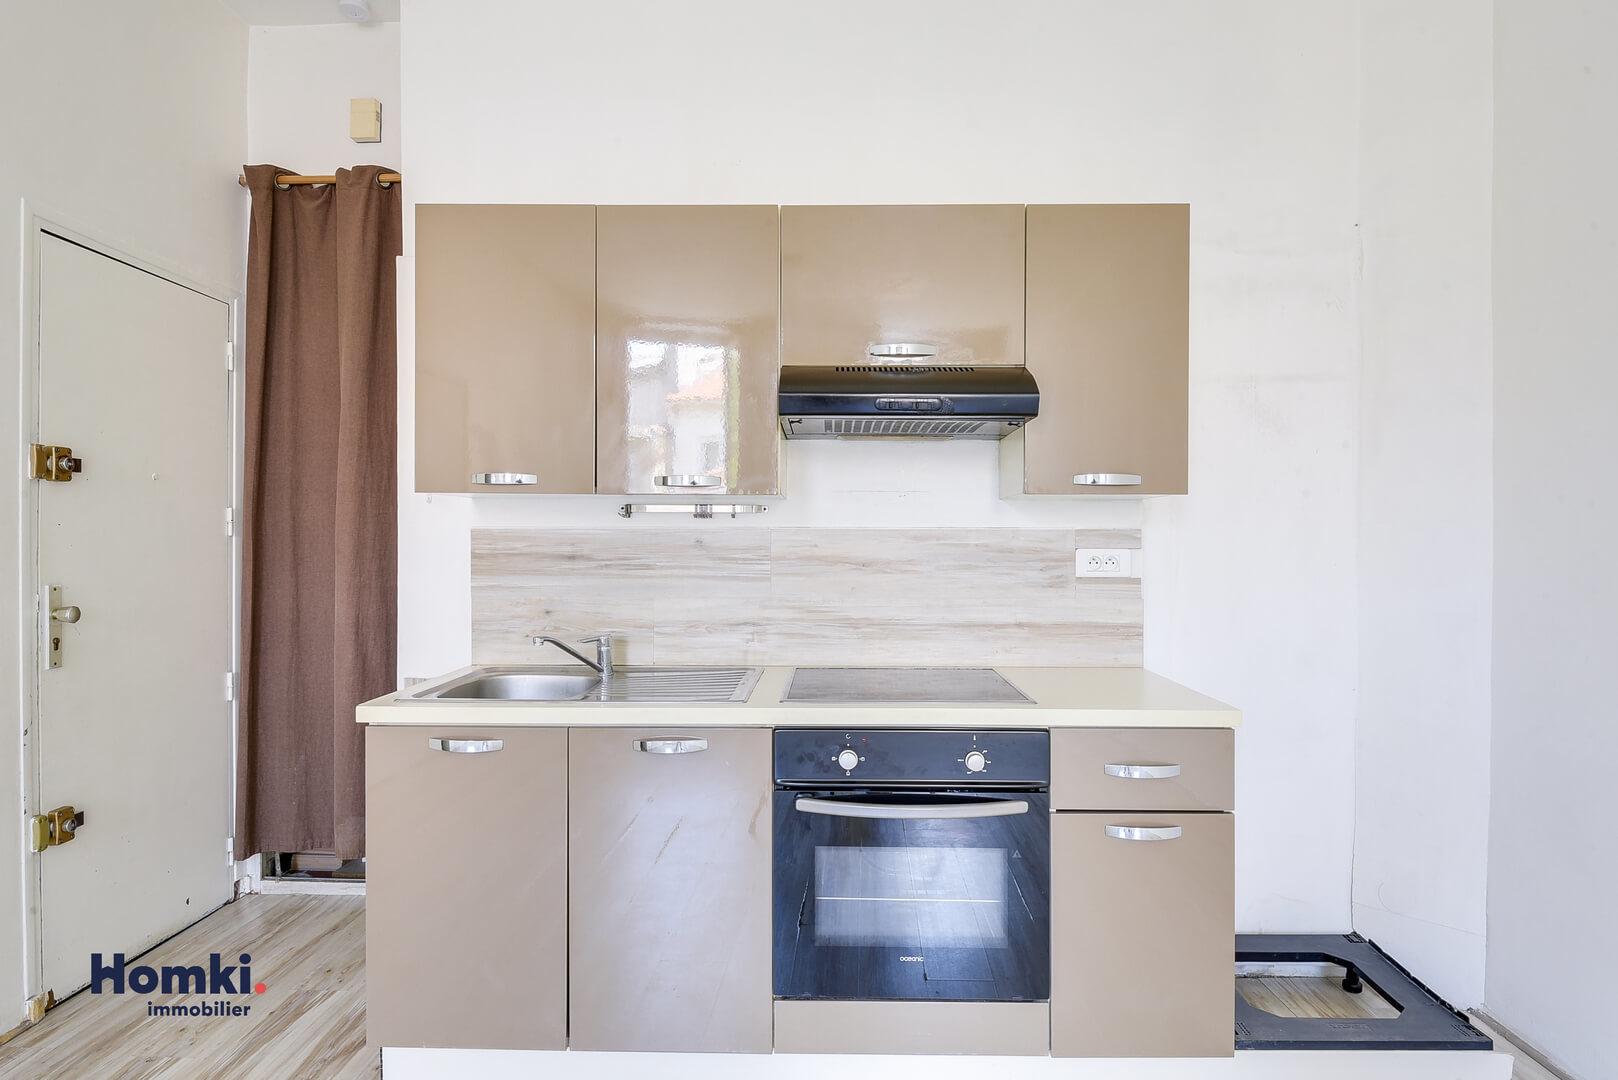 Vente Appartement 36 m² T2 13004_2